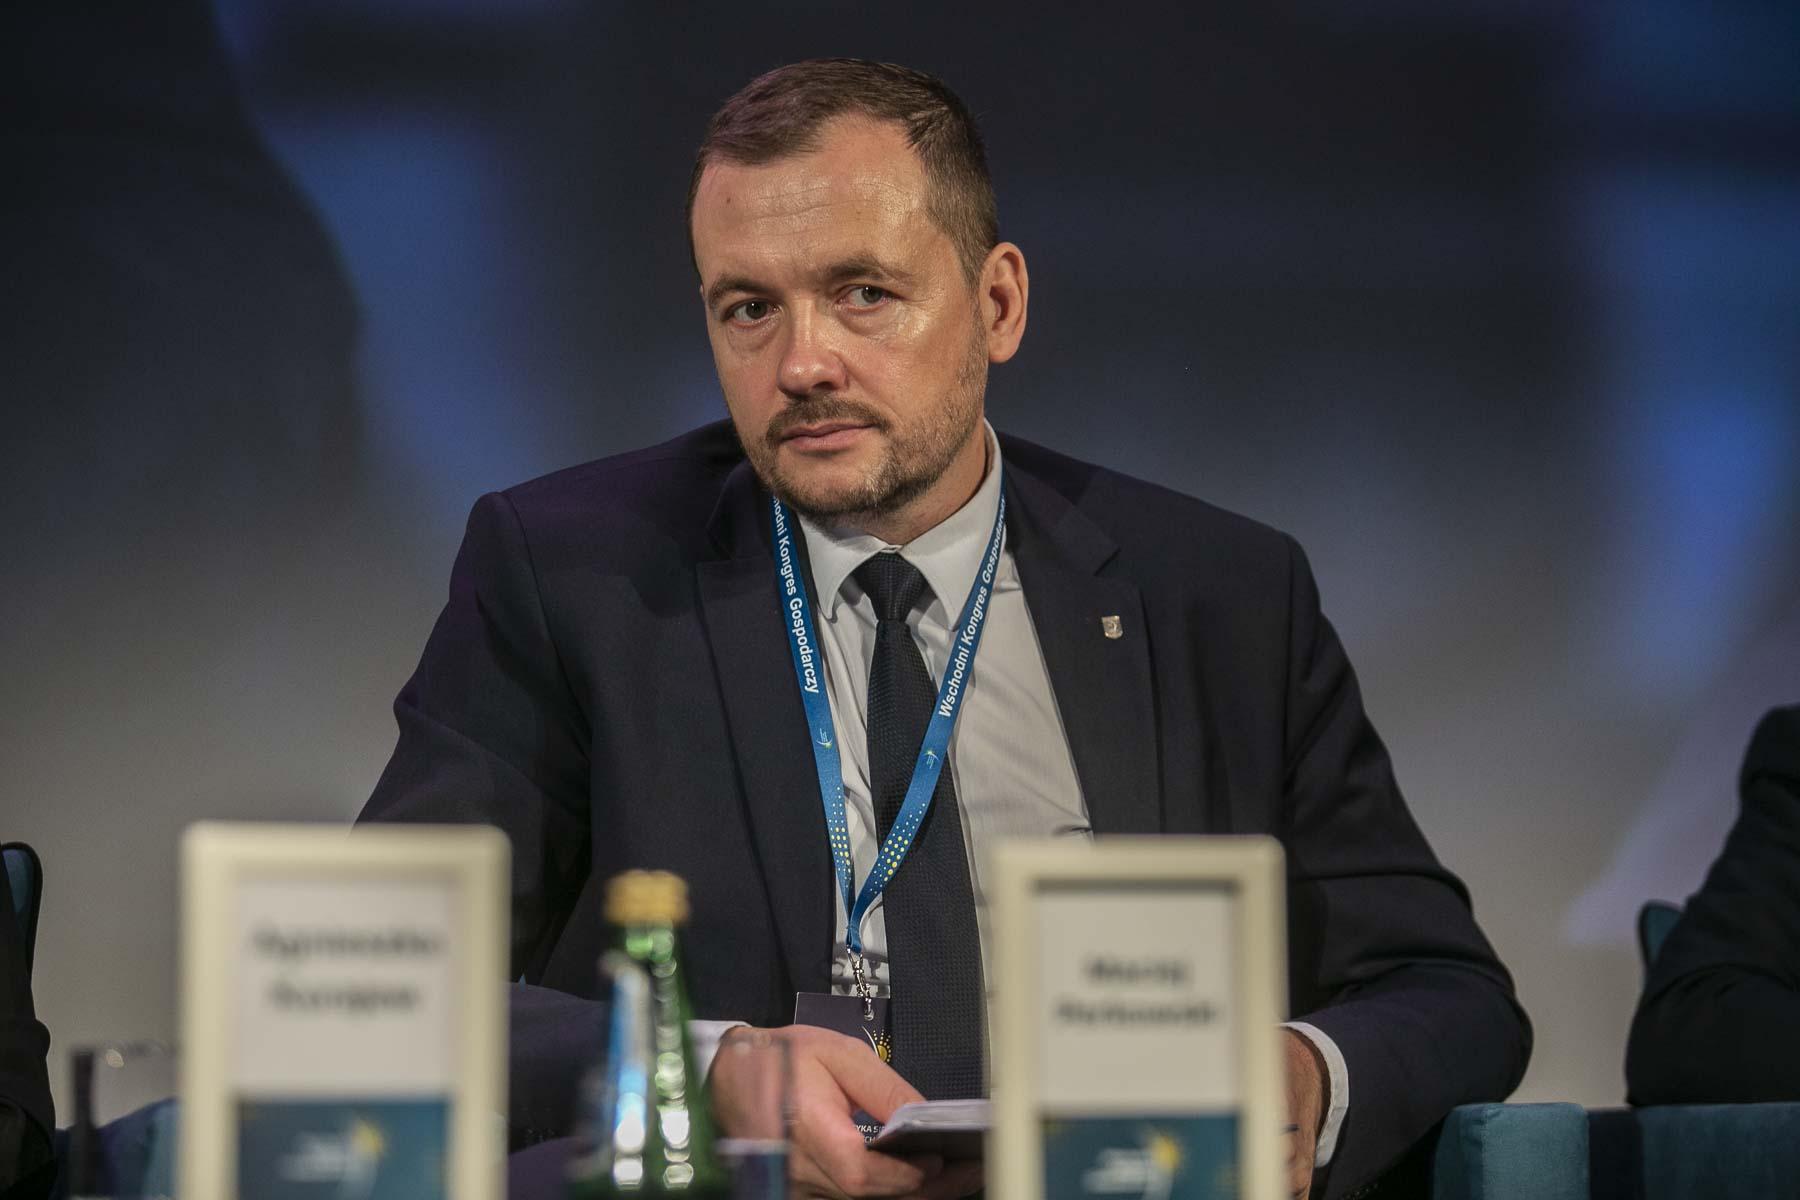 Maciej Perkowski podkreśla, że tworząc nowe prawo, trzeba uwzględniać różne opinie (fot. PTWP)